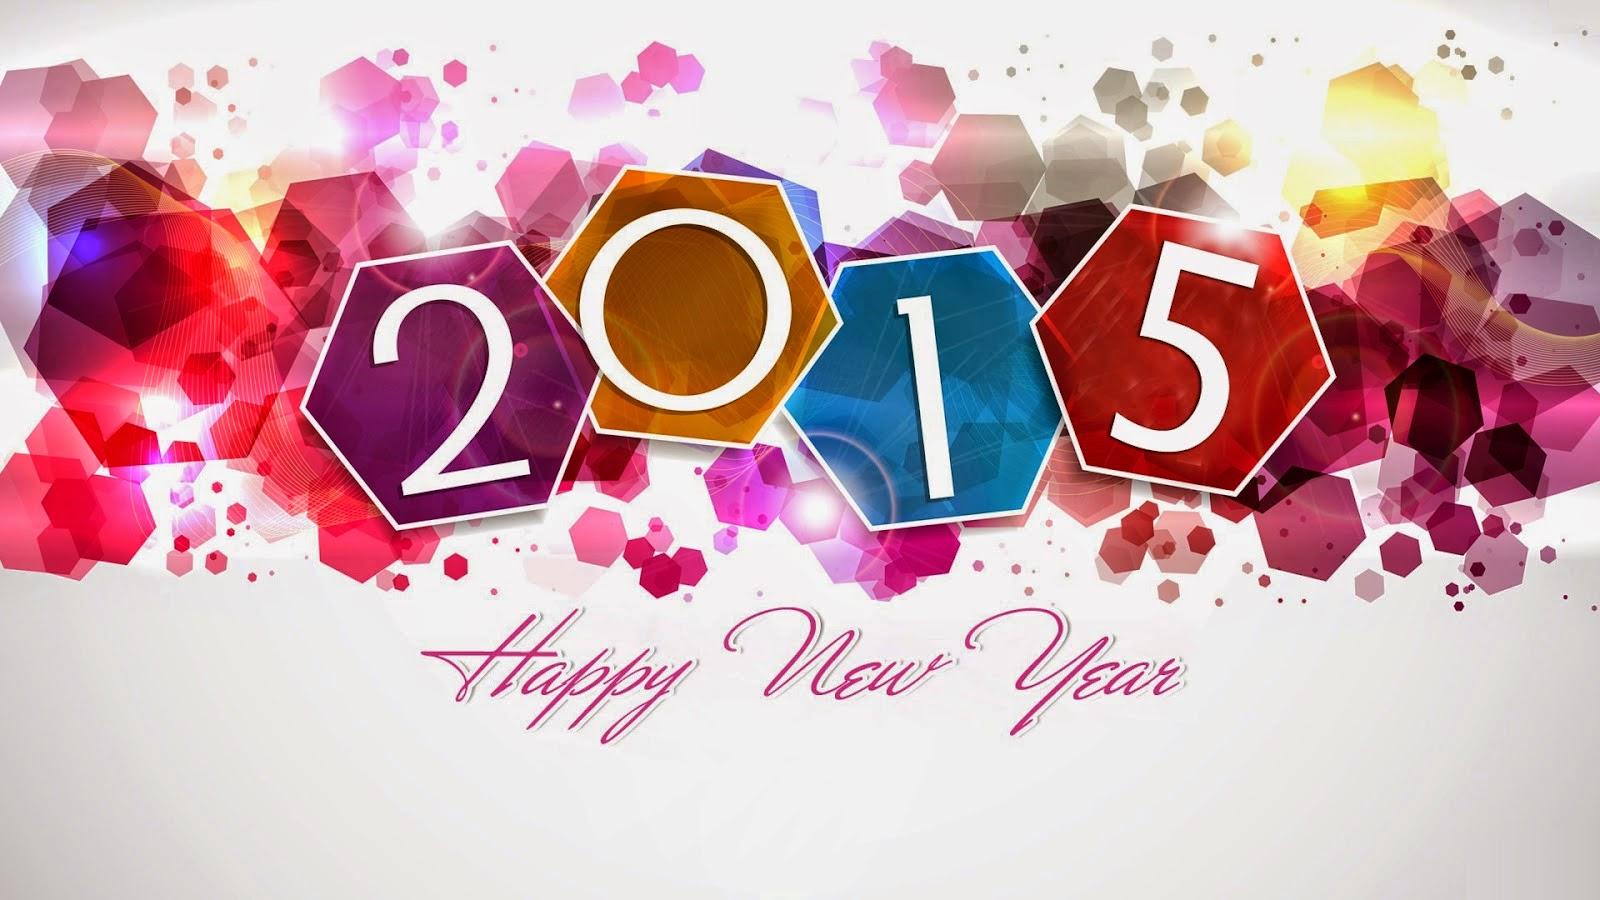 Ano novo, vida nova, passagem de ano, festa, blogue, casal, namorados